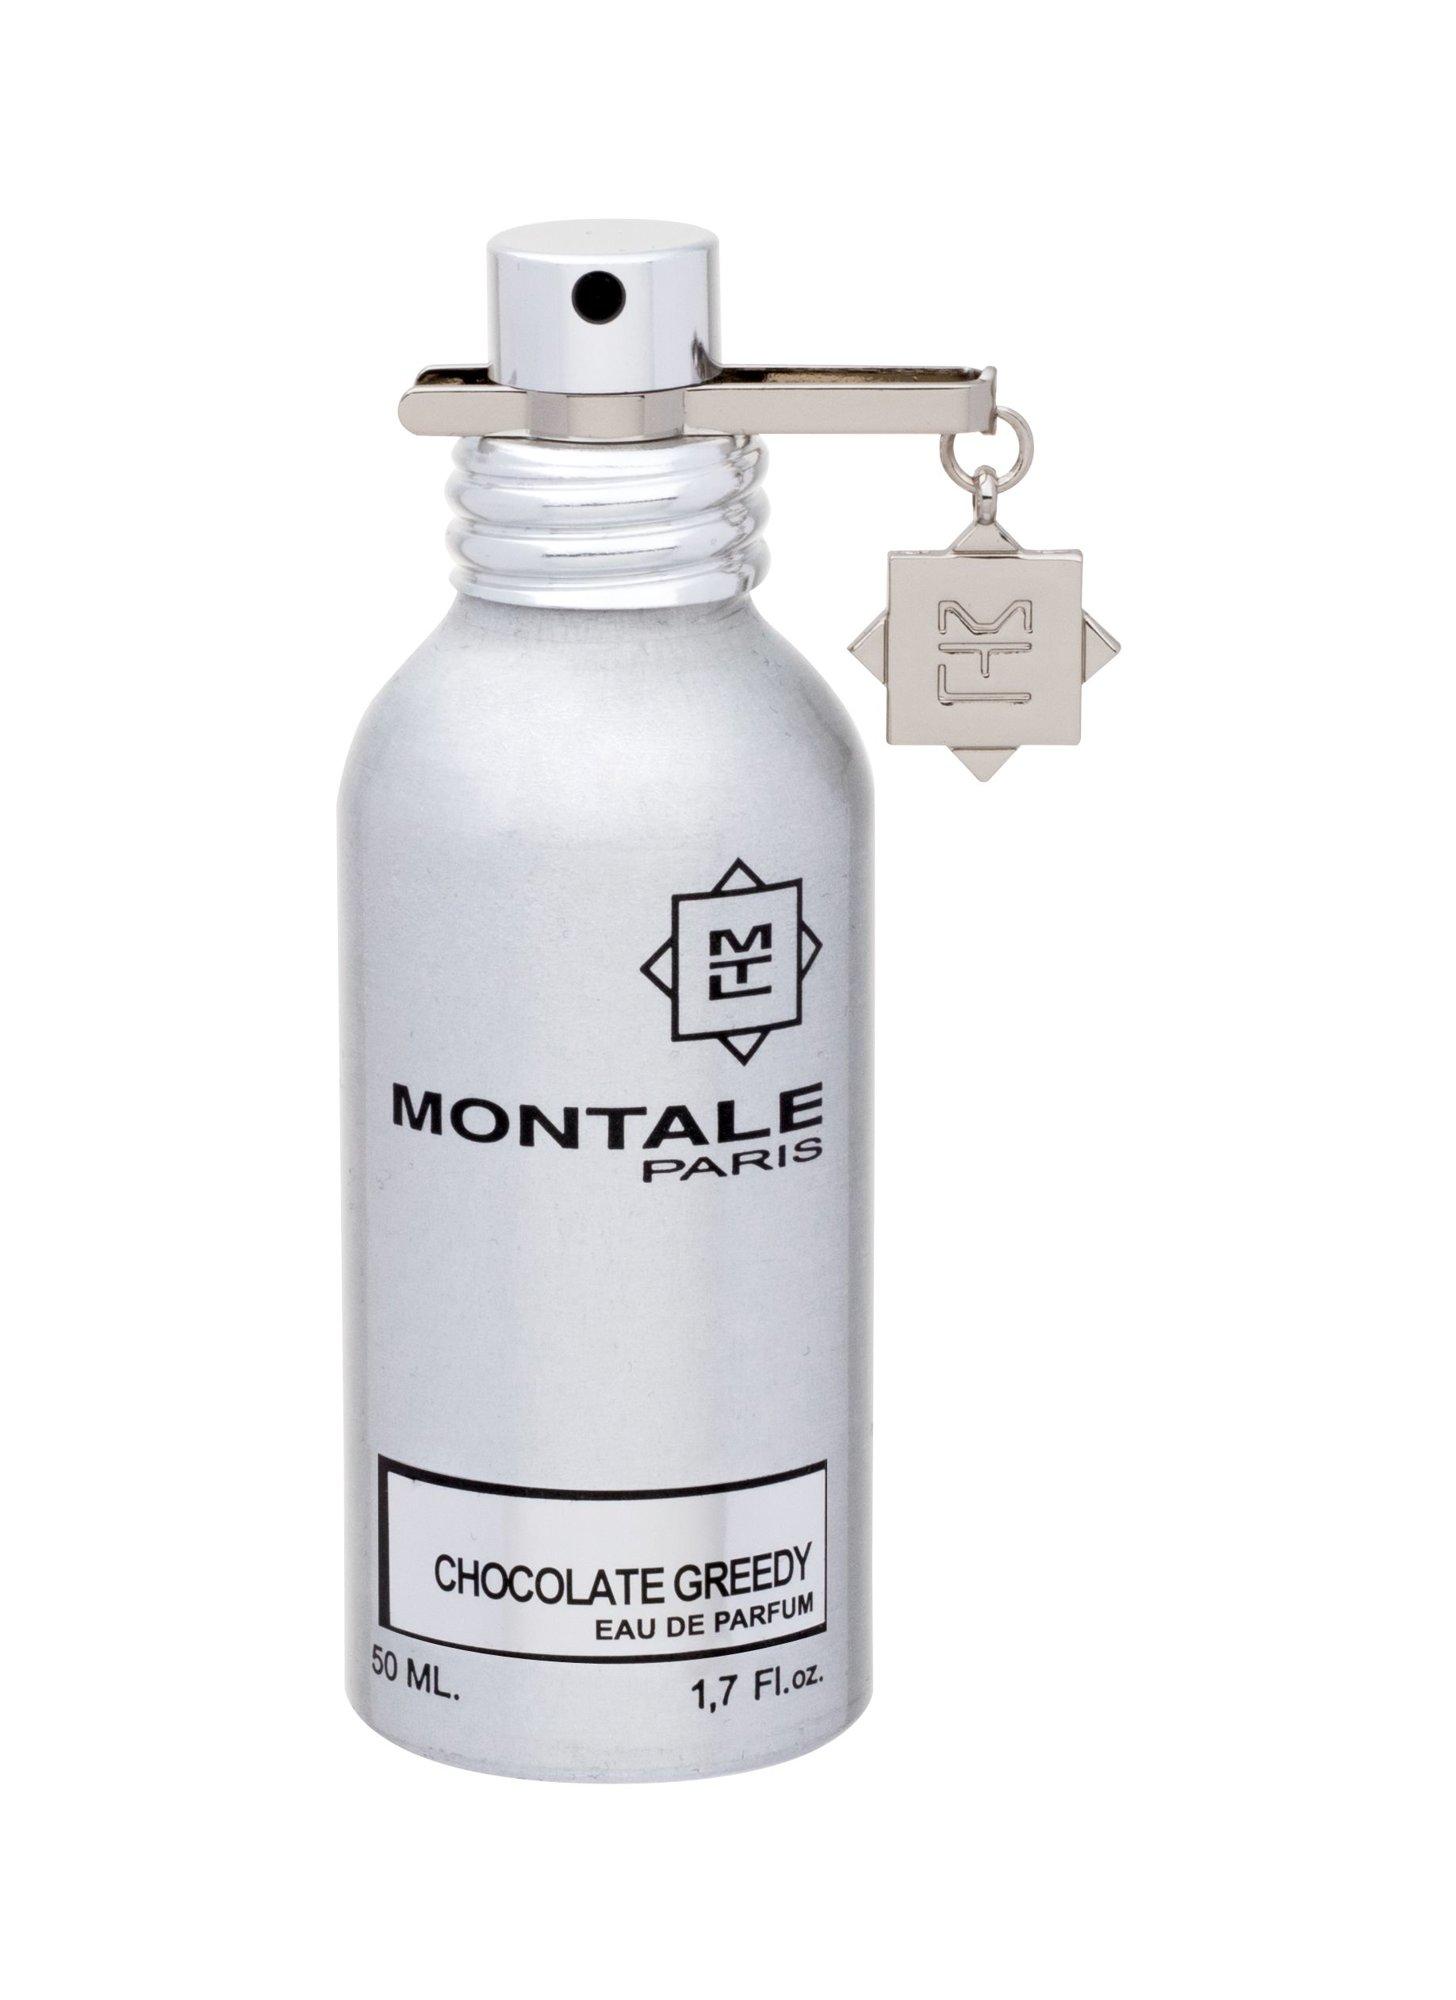 Montale Paris Chocolate Greedy EDP 50ml